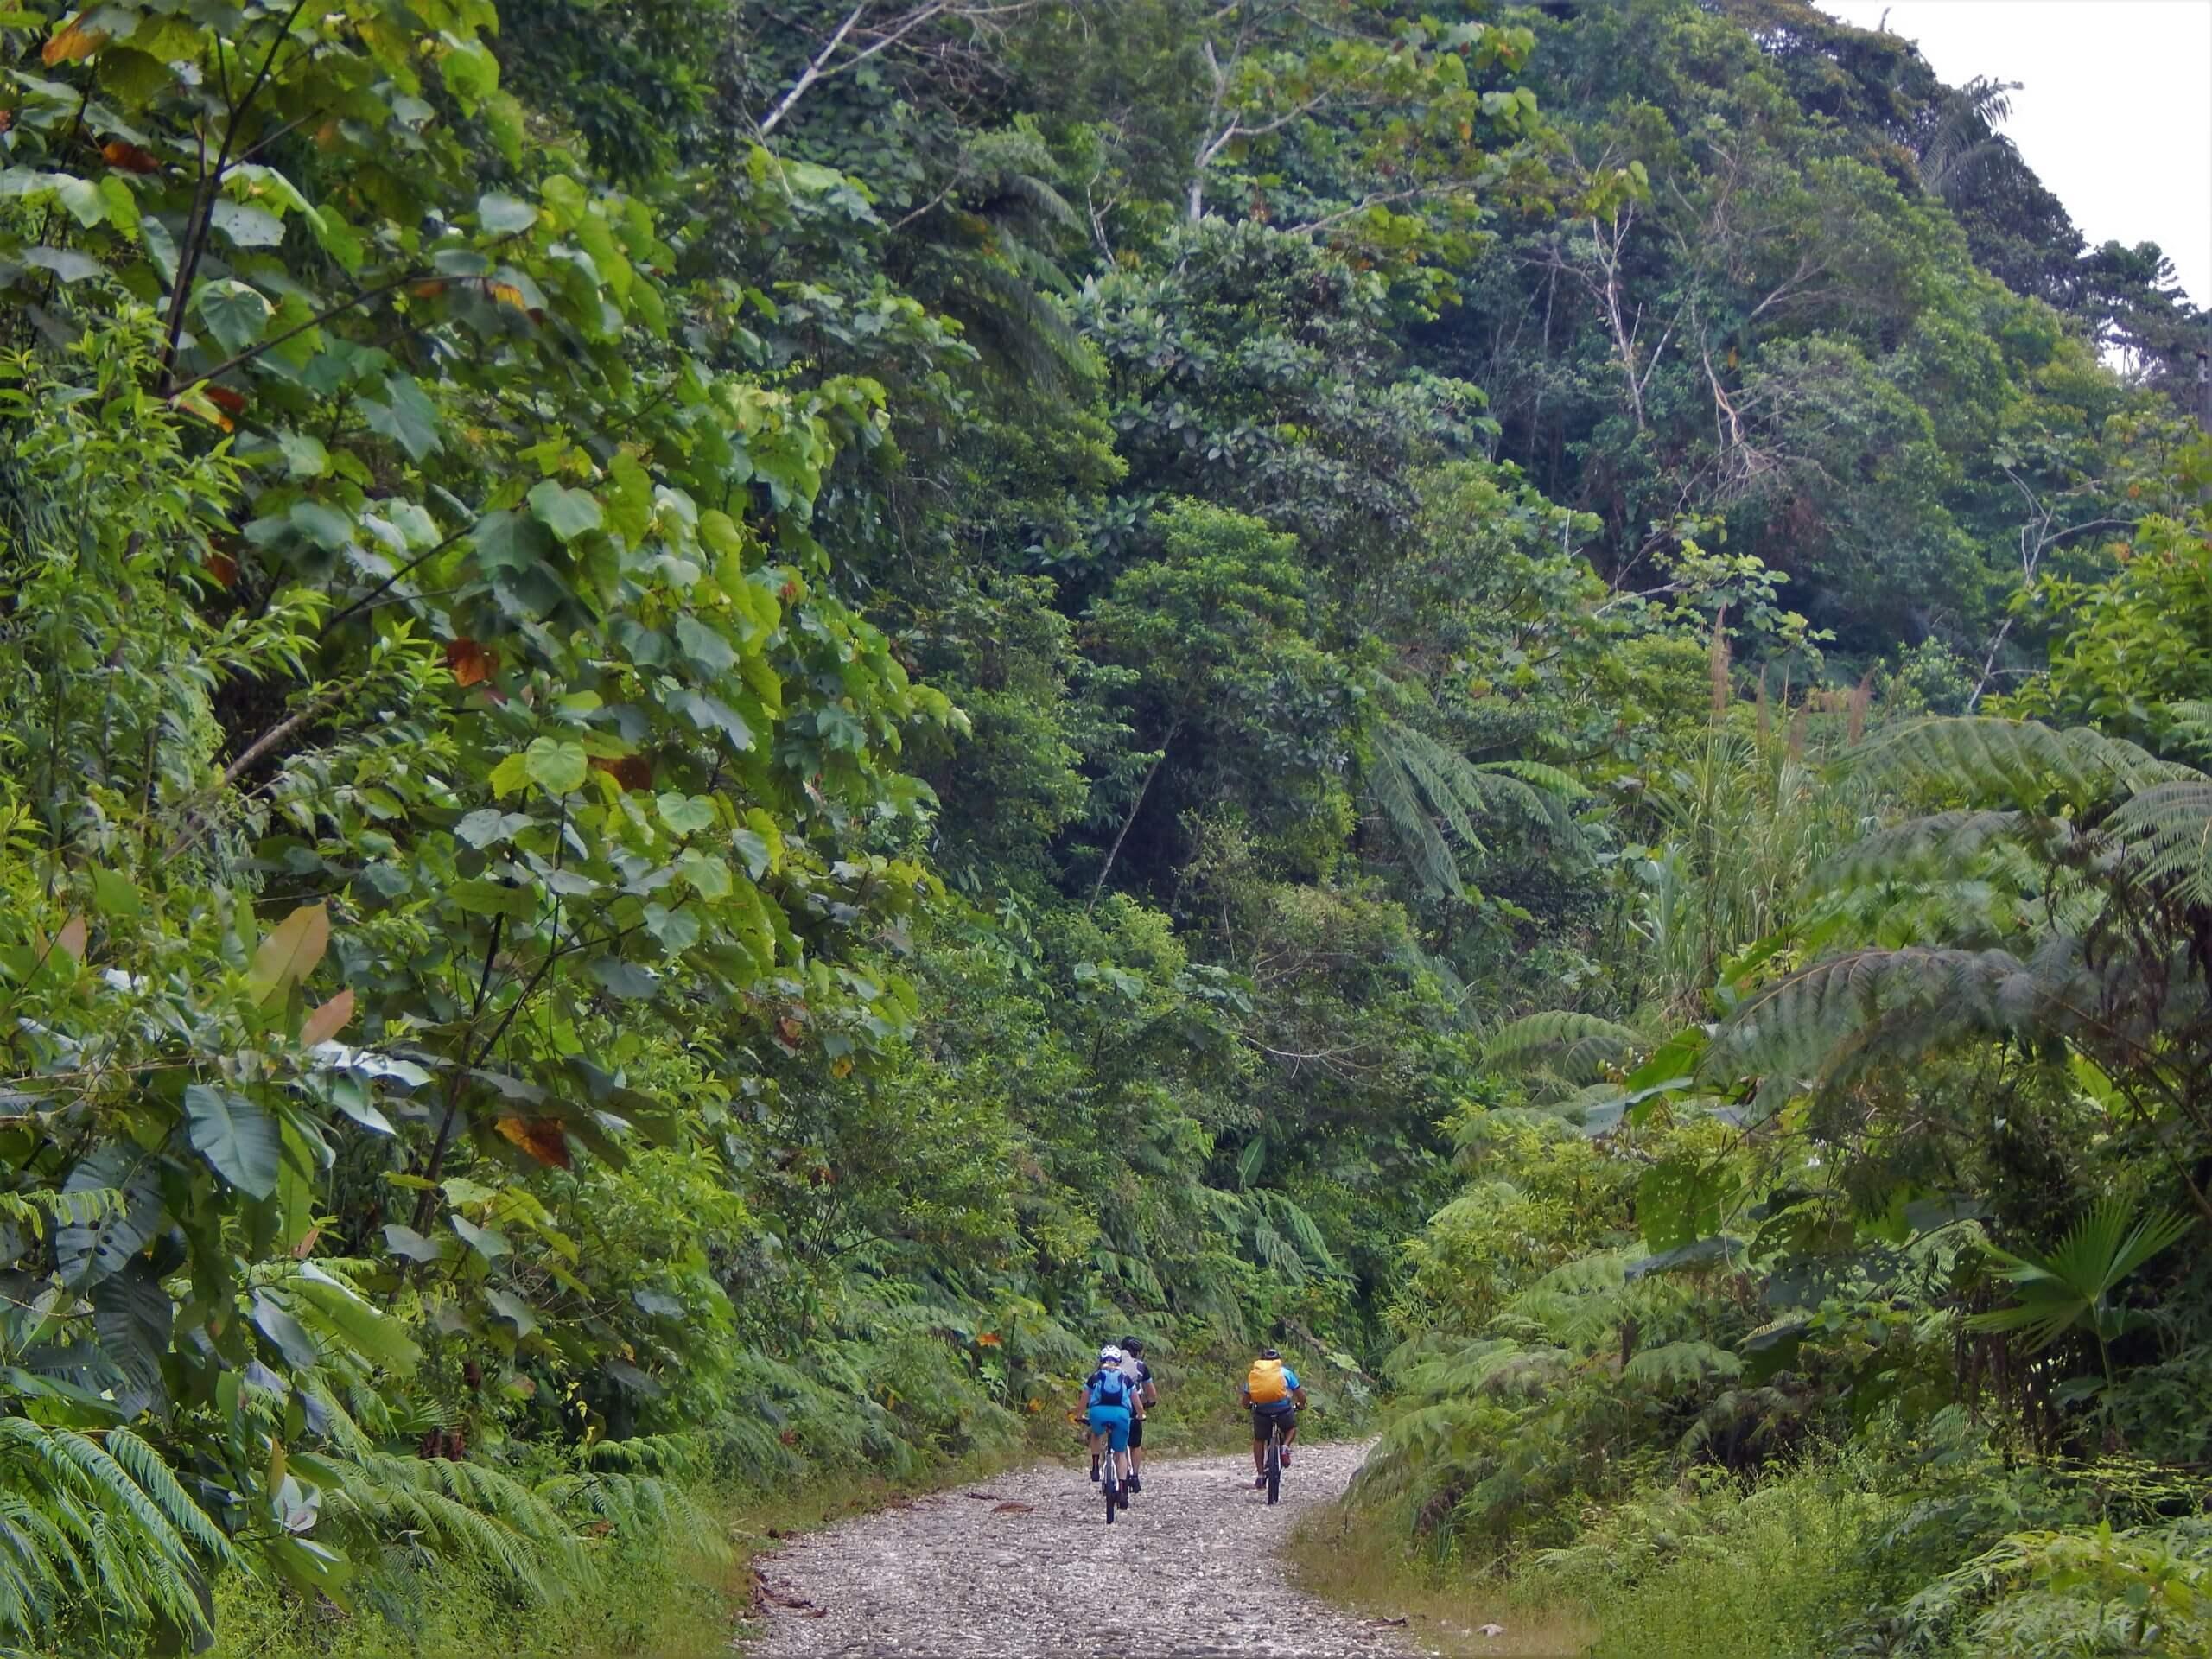 Biking through the lush rainforest in Ecuador